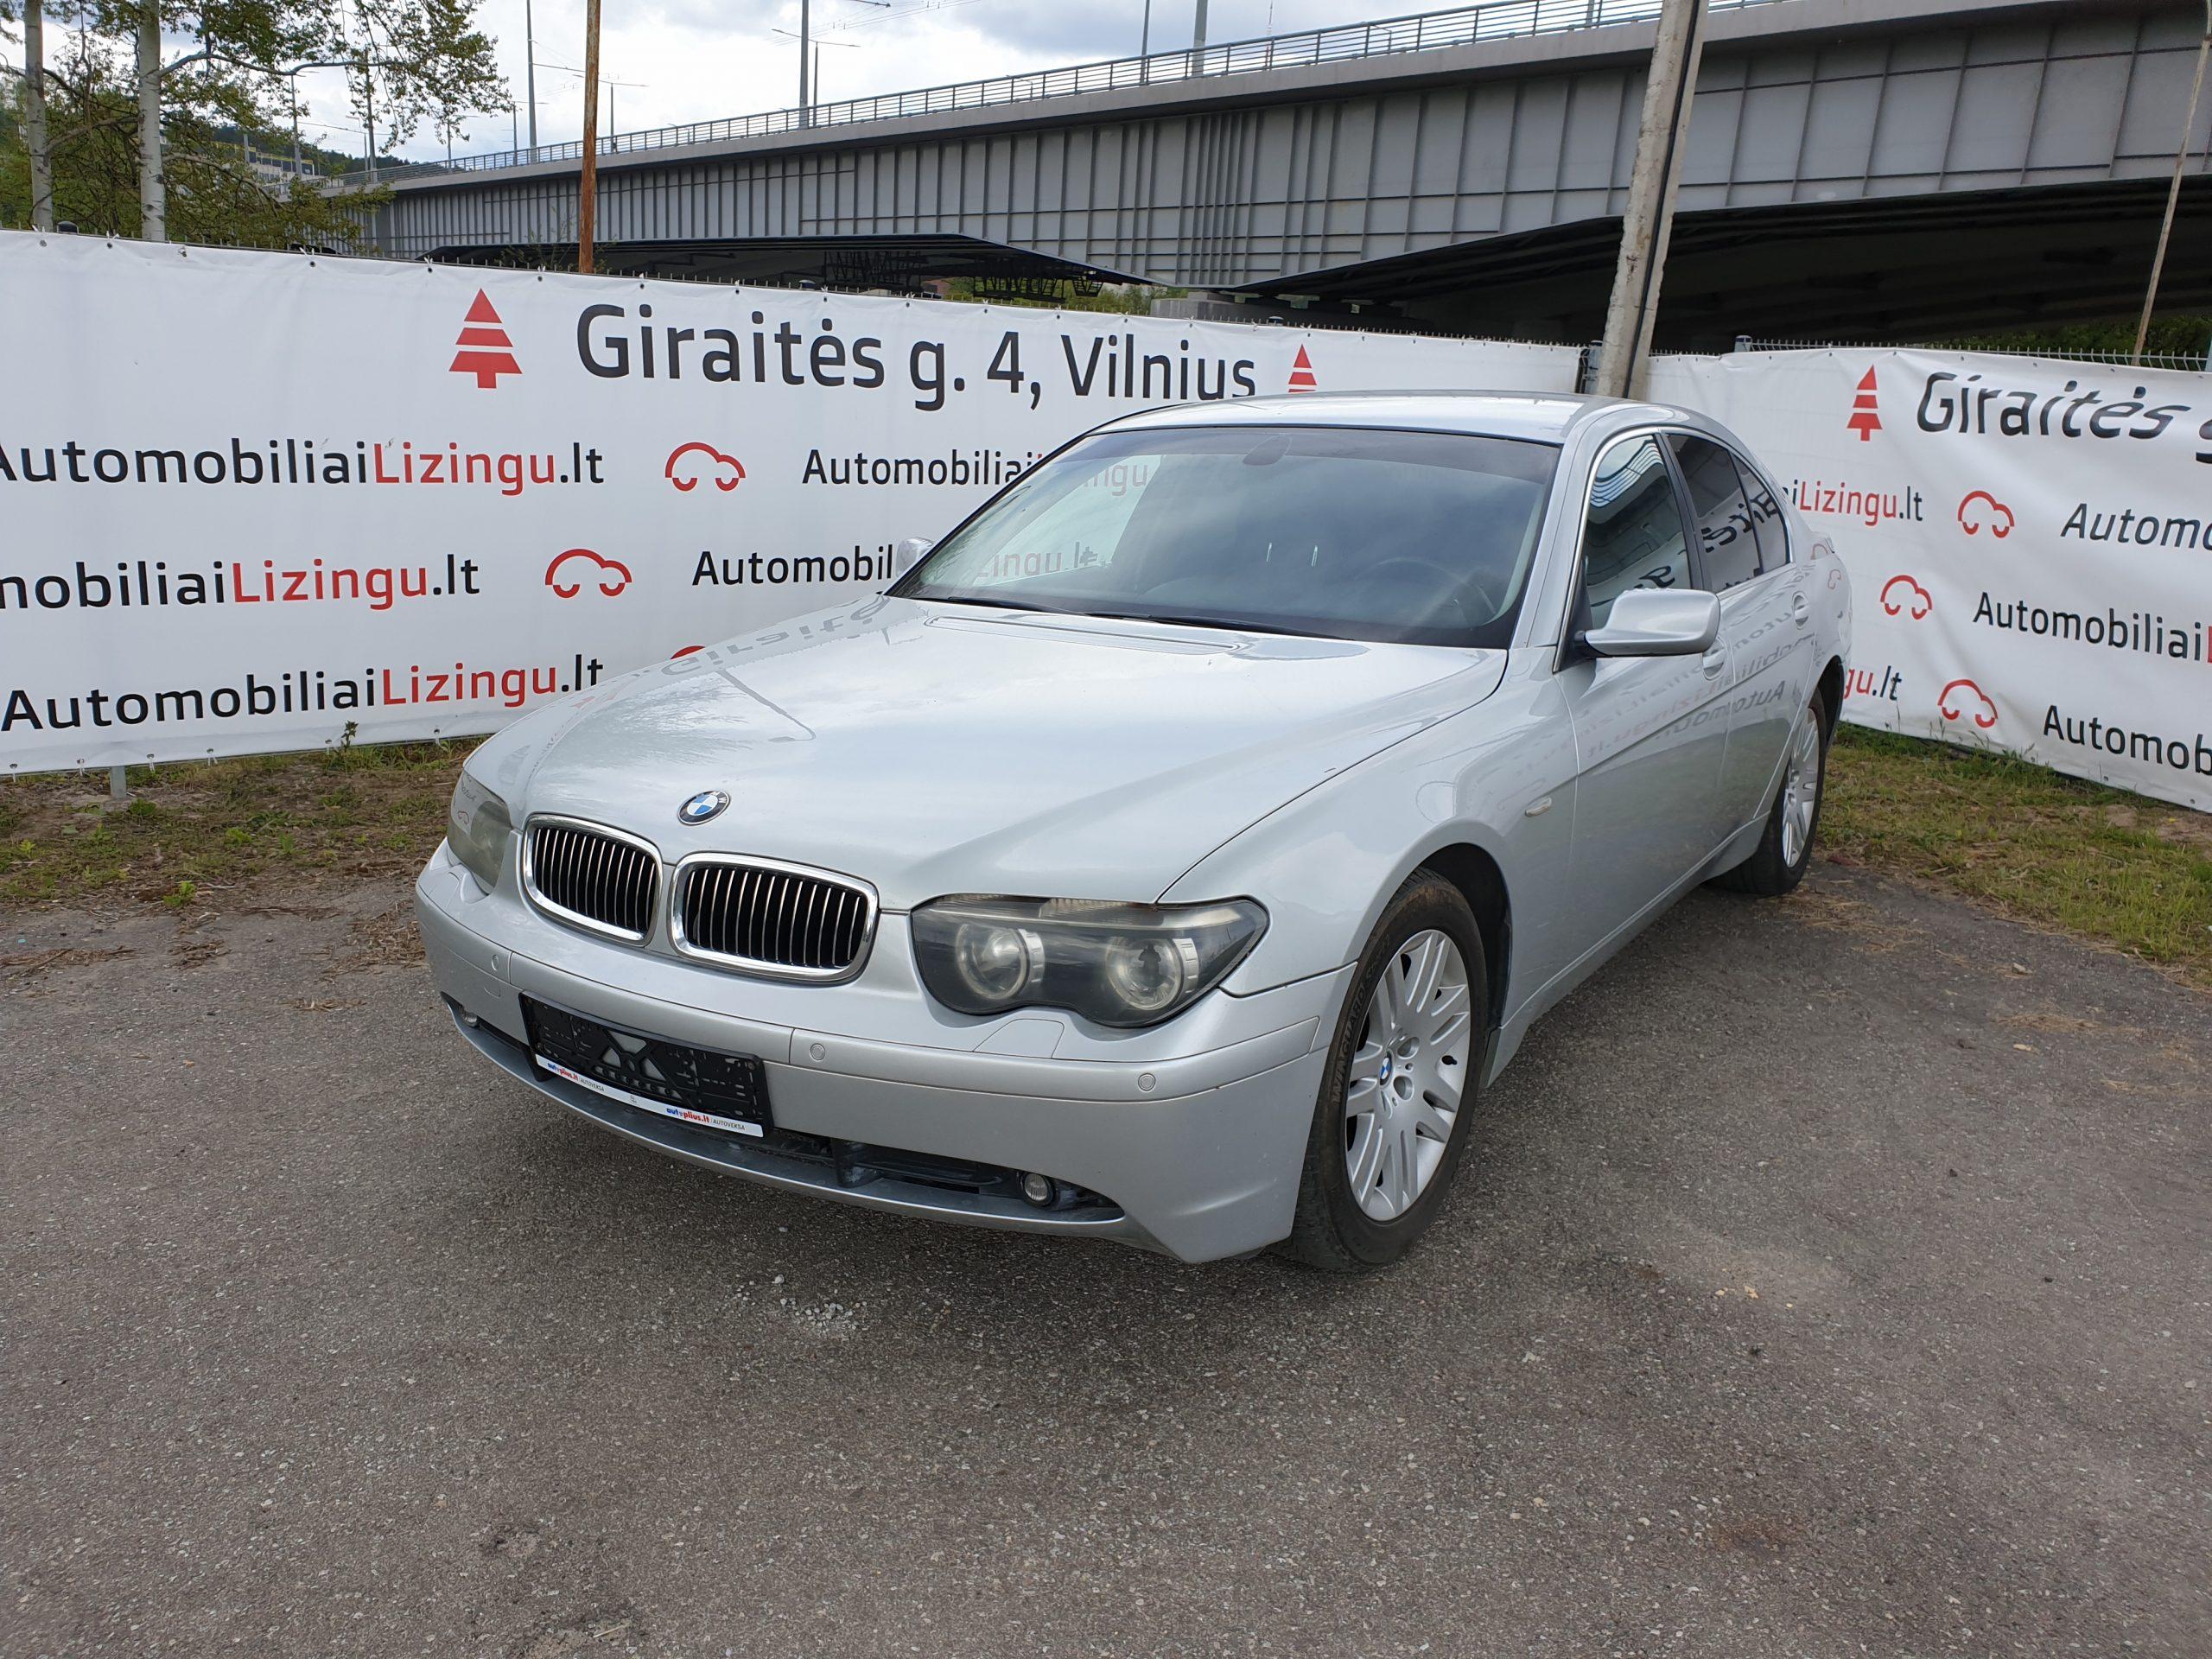 BMW 730, 3.0 l., sedanas